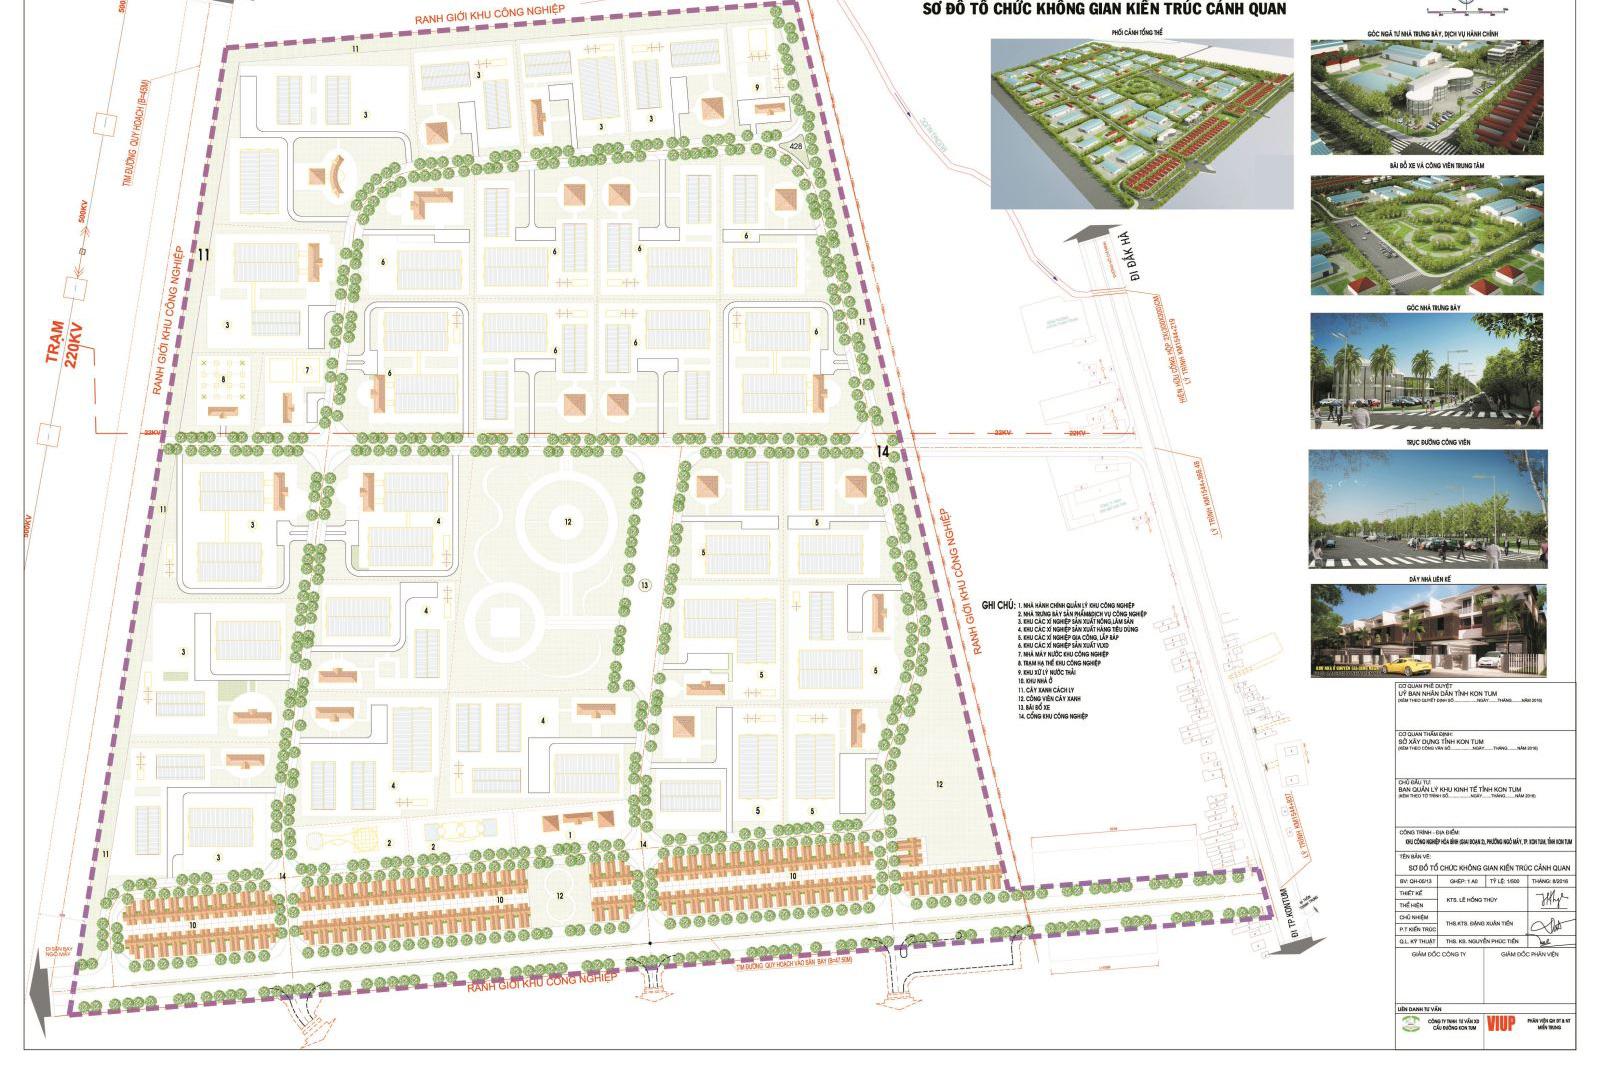 Đưa khu công nghiệp hơn 70 ha tại Kon Tum ra khỏi qui hoạch